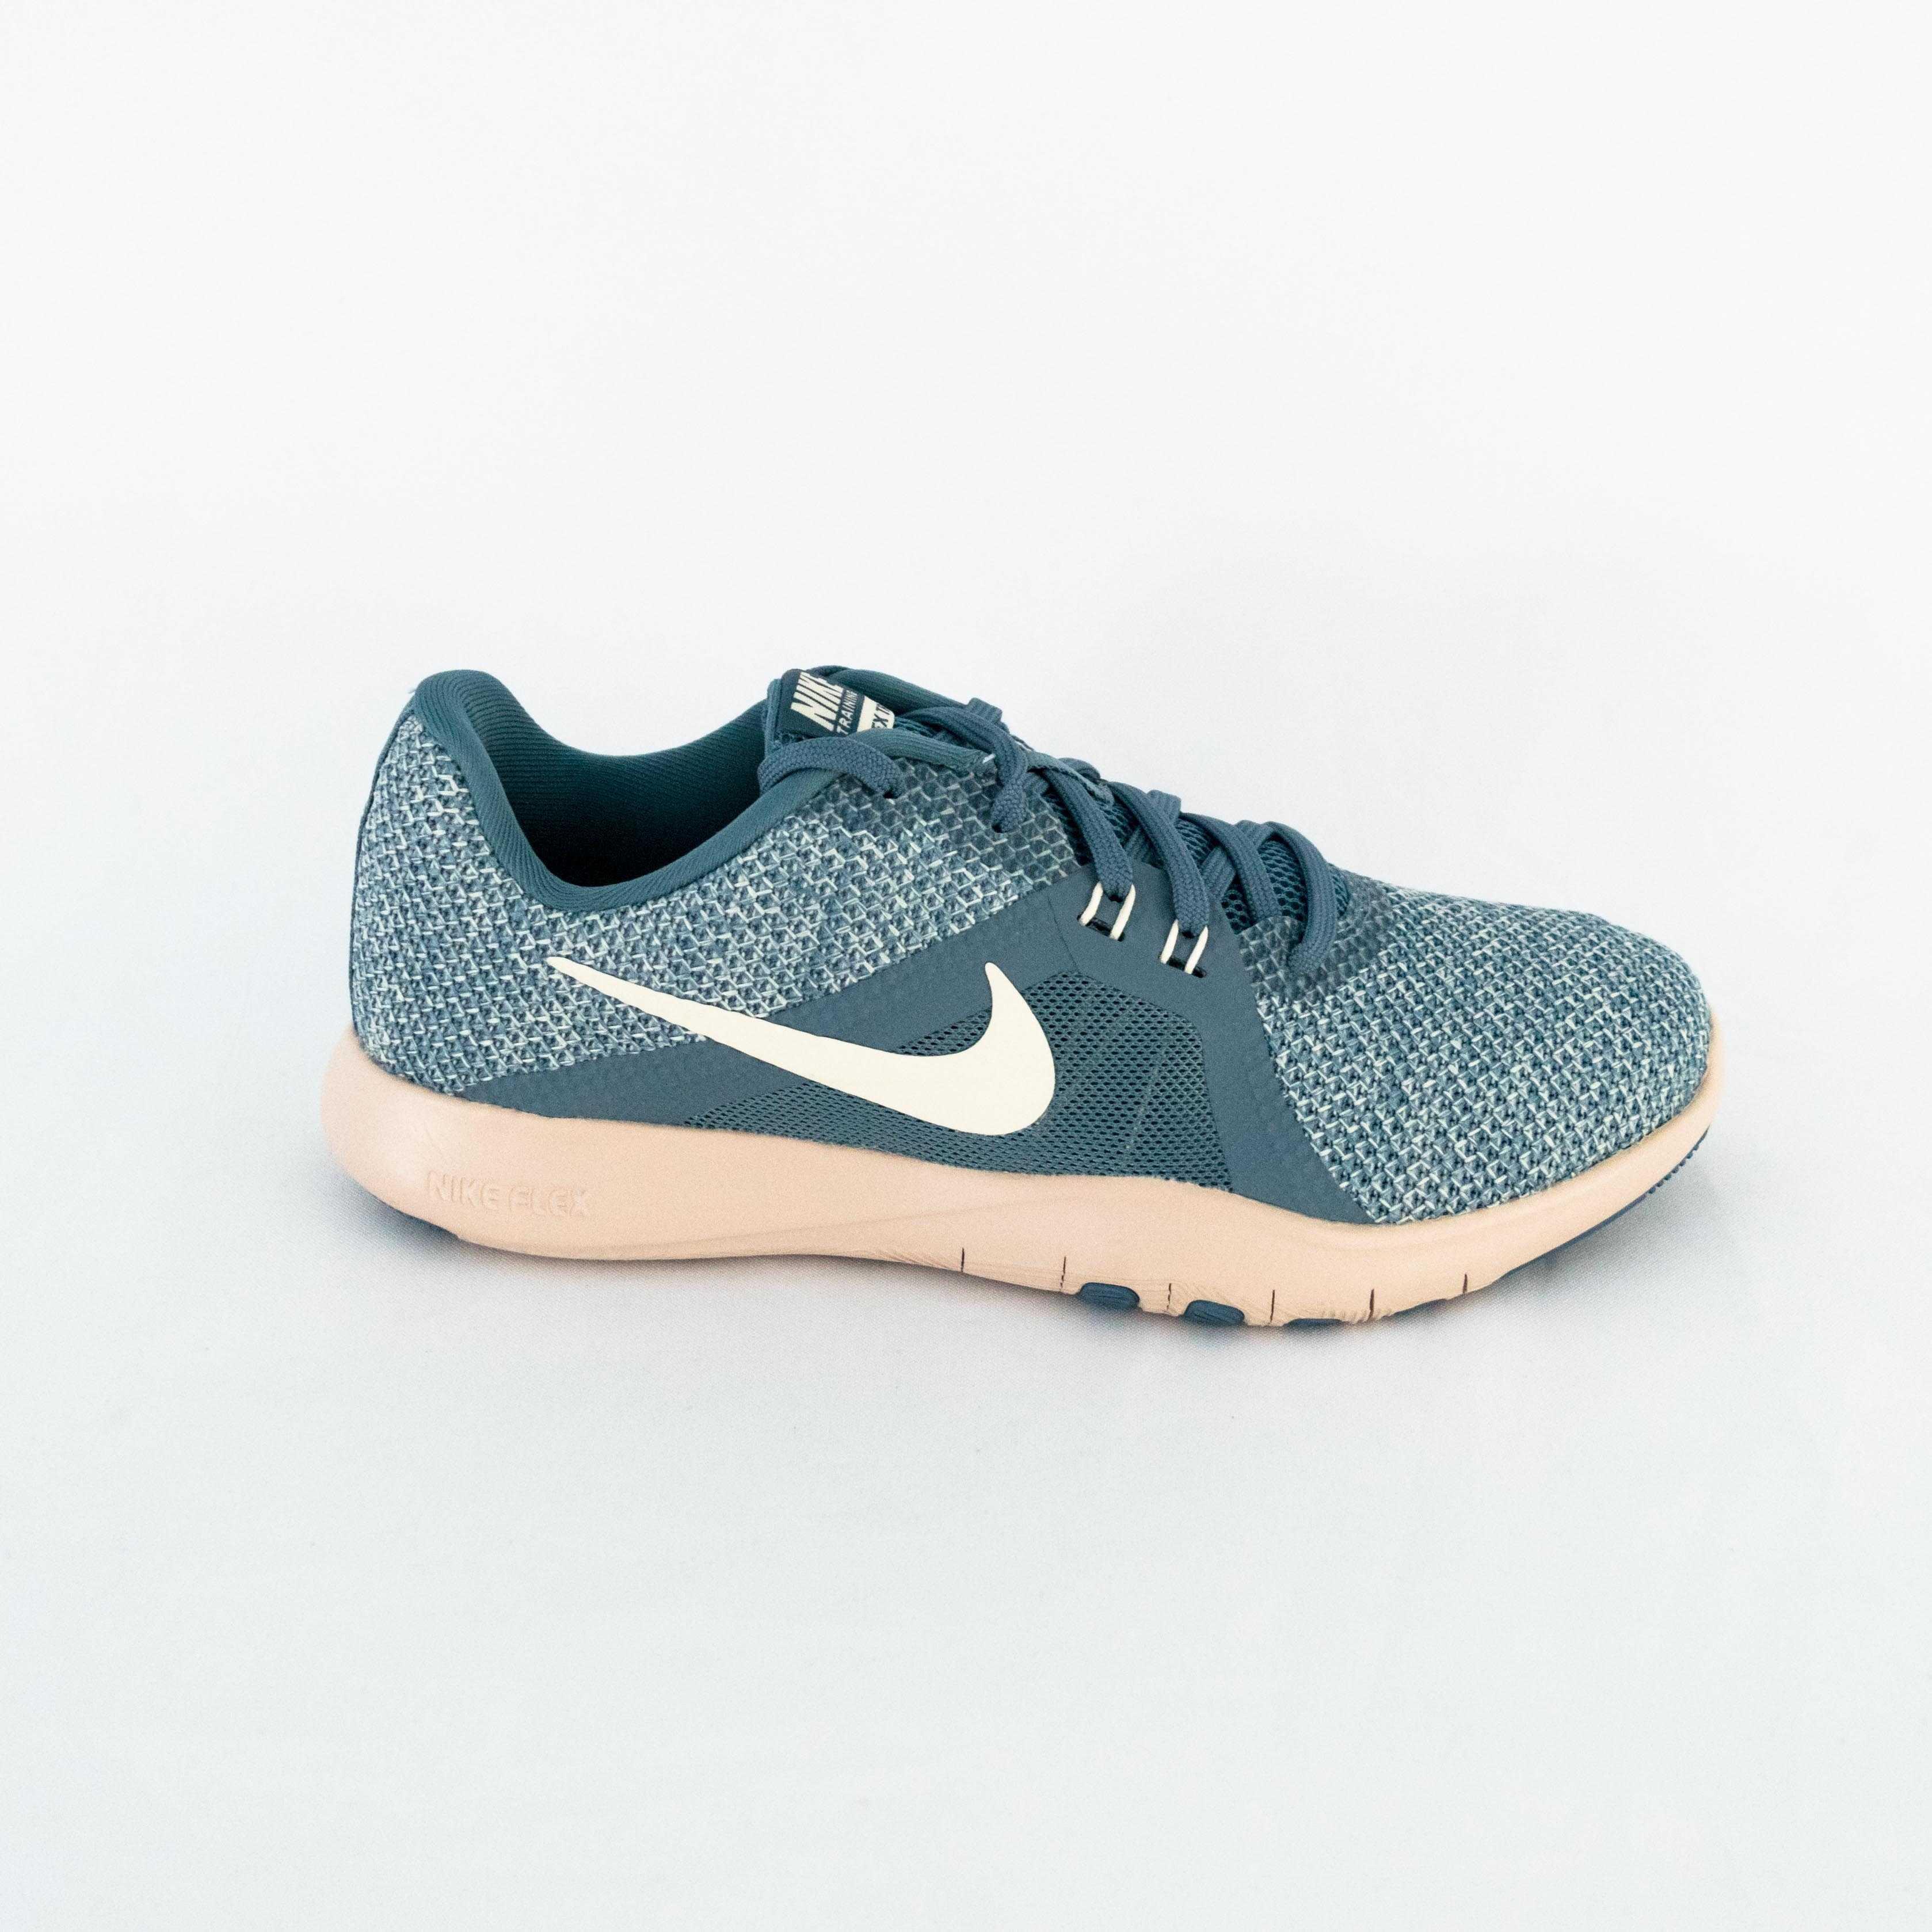 1ea0db8225c54 Tênis Nike 924339 400 Flex Trainer 8 Azul